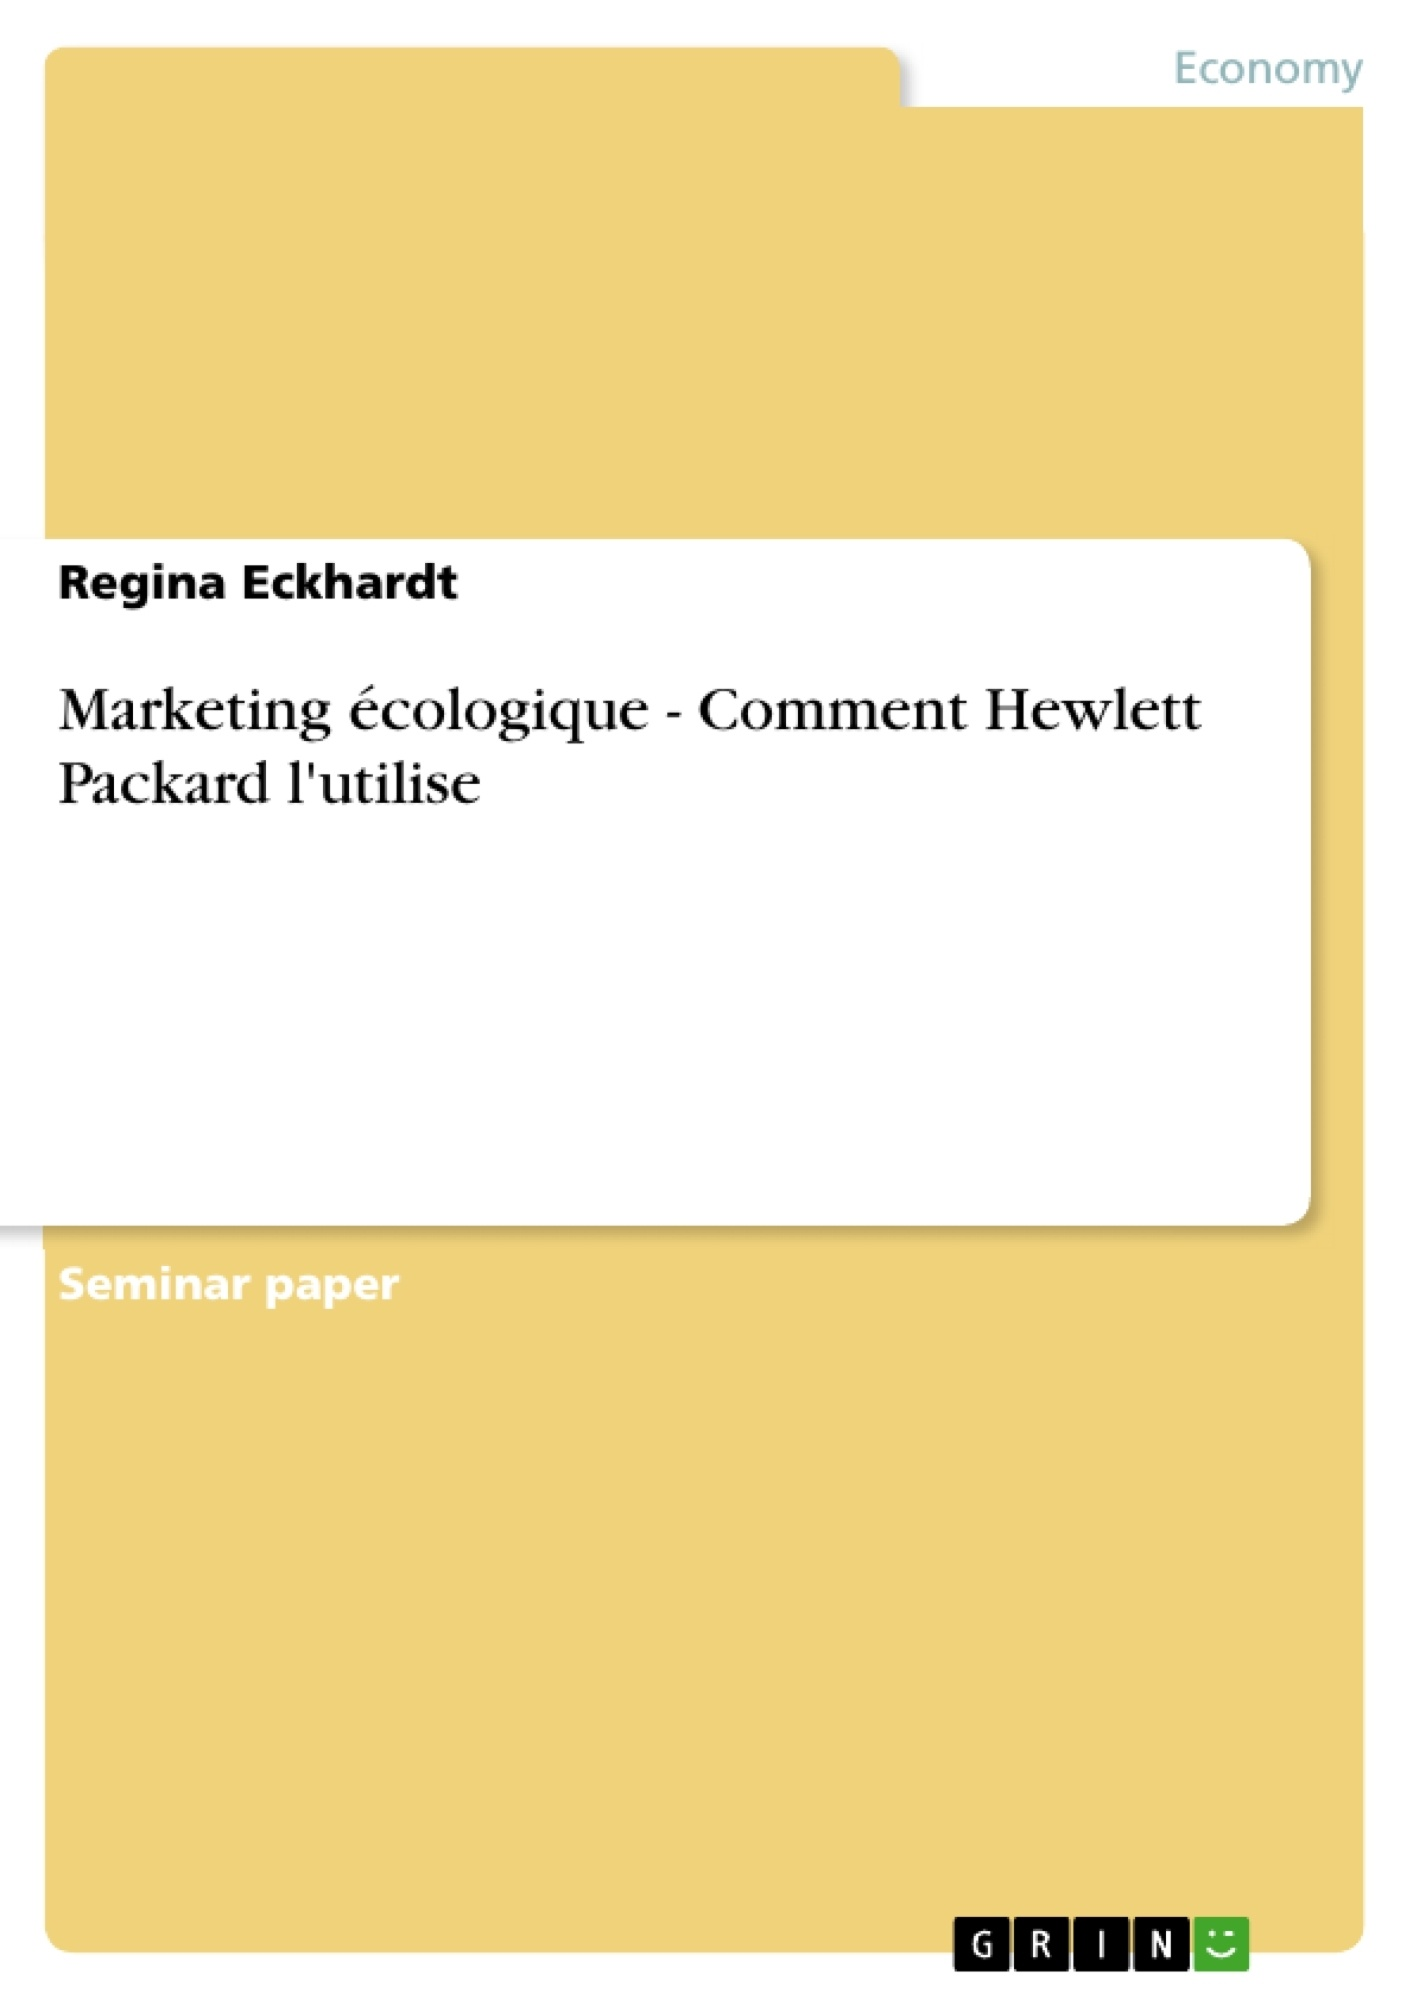 Titre: Marketing écologique - Comment Hewlett Packard l'utilise